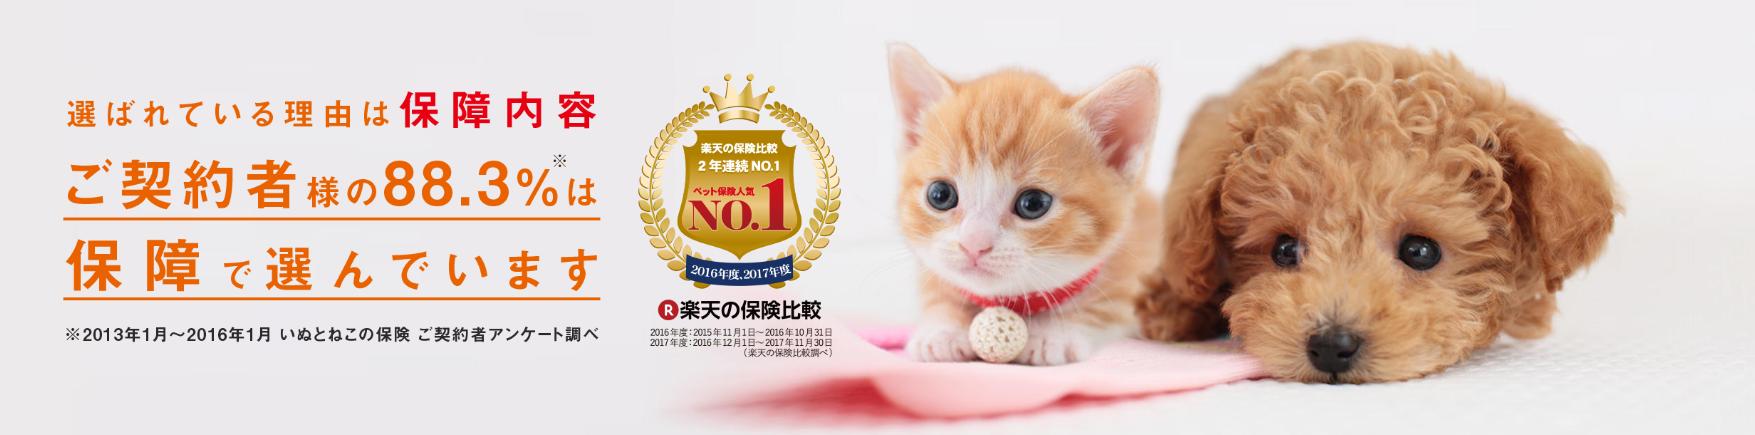 日本ペットプラス少額短期保険 いぬとねこの保険